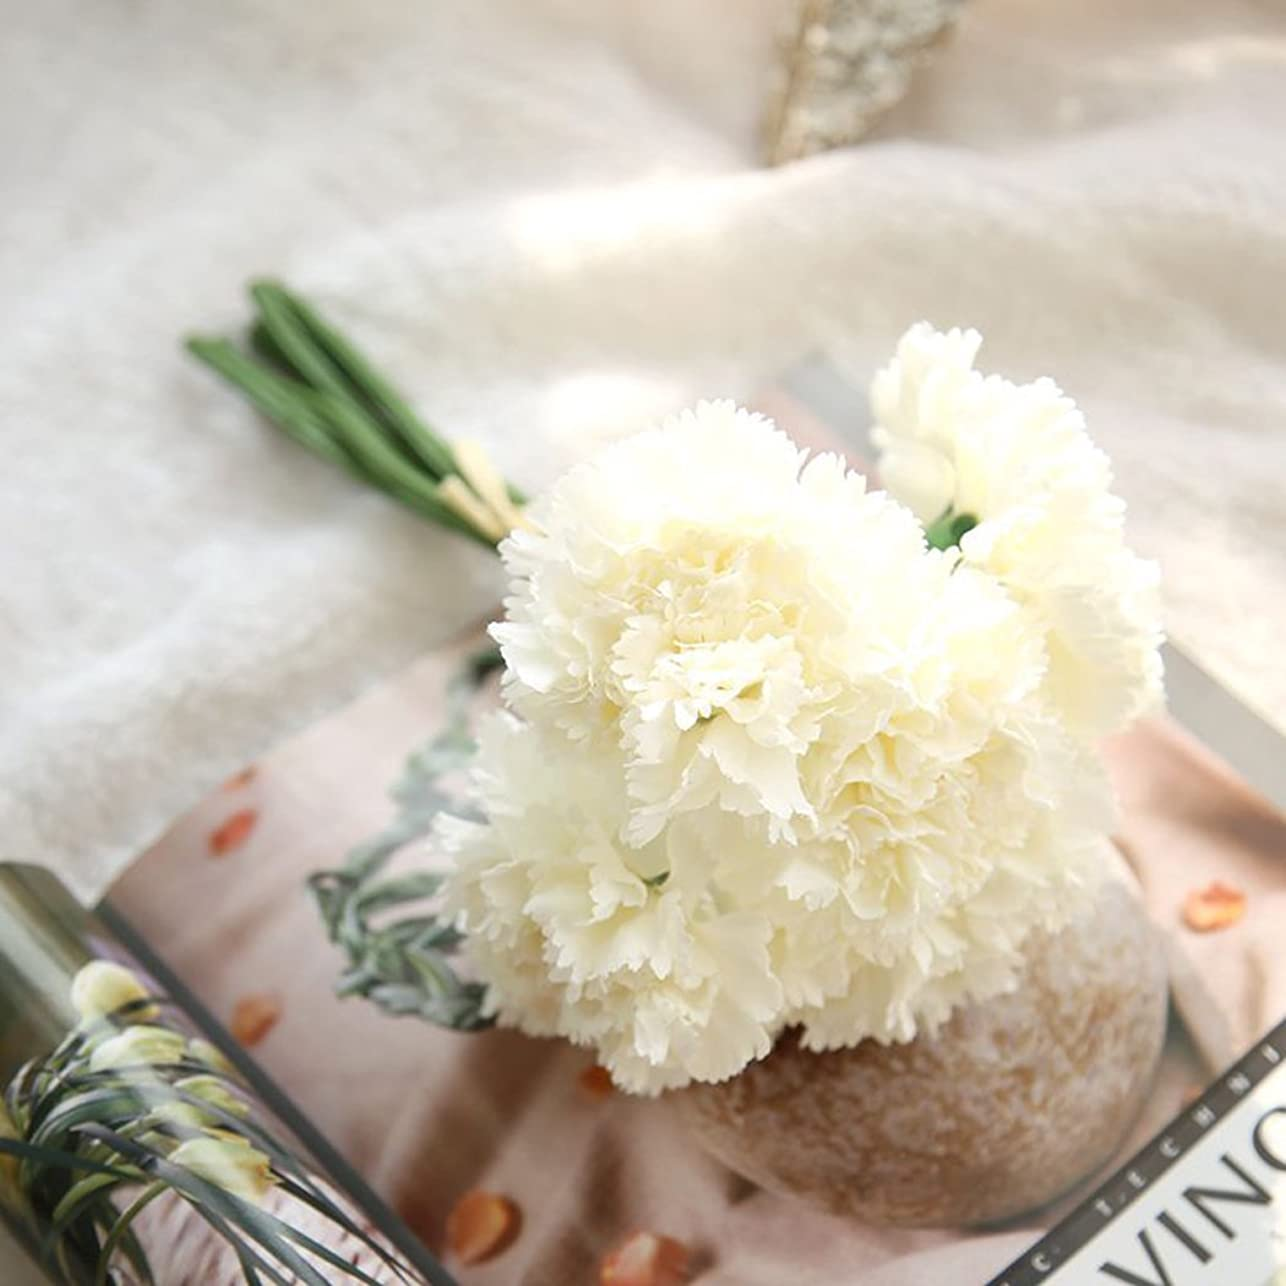 うんざり盲信オリエントFunpa 造花 カーネーション インテリア 母の日 プレゼント 会場 結婚式 デコレーション 装飾 人工シルク (クリーム)